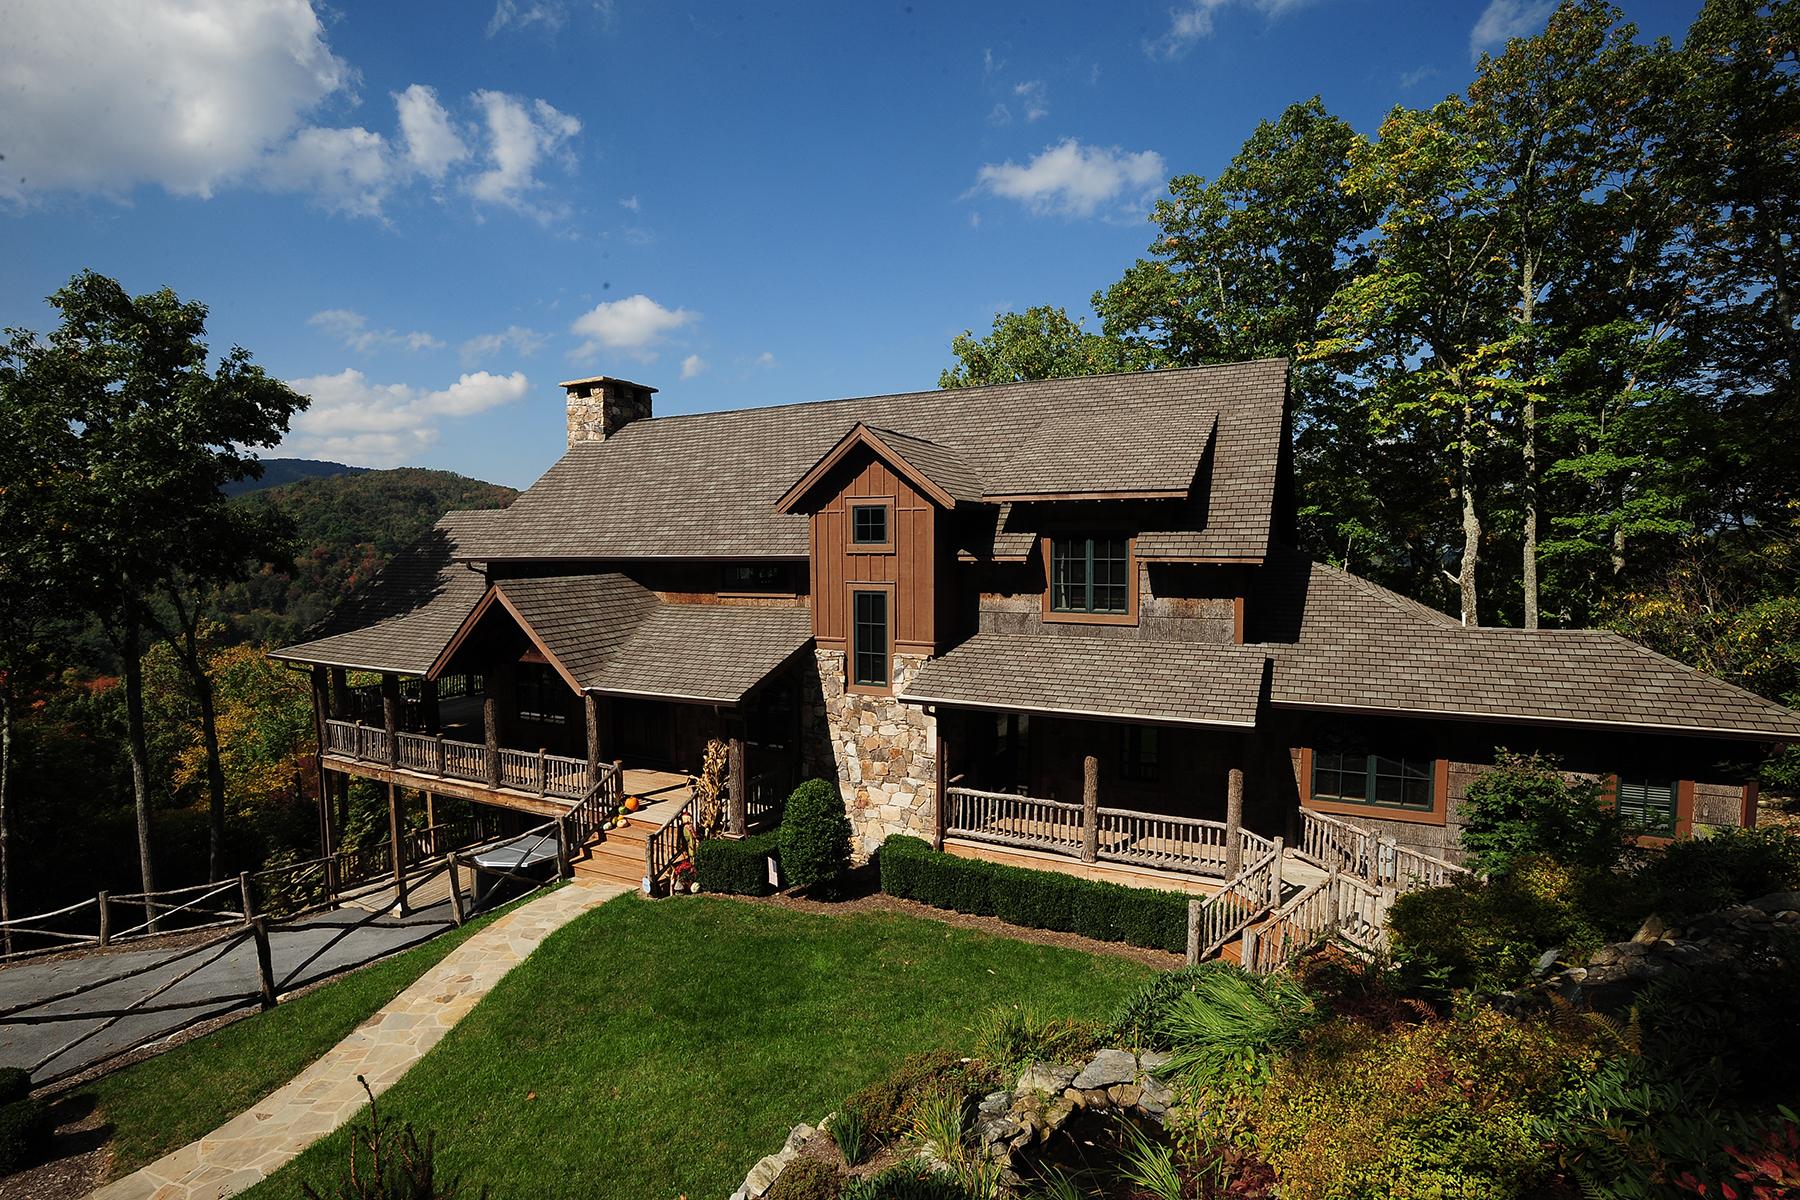 獨棟家庭住宅 為 出售 在 FOREST RIDGE 595 Autumn Path Banner Elk, 北卡羅來納州 28604 美國